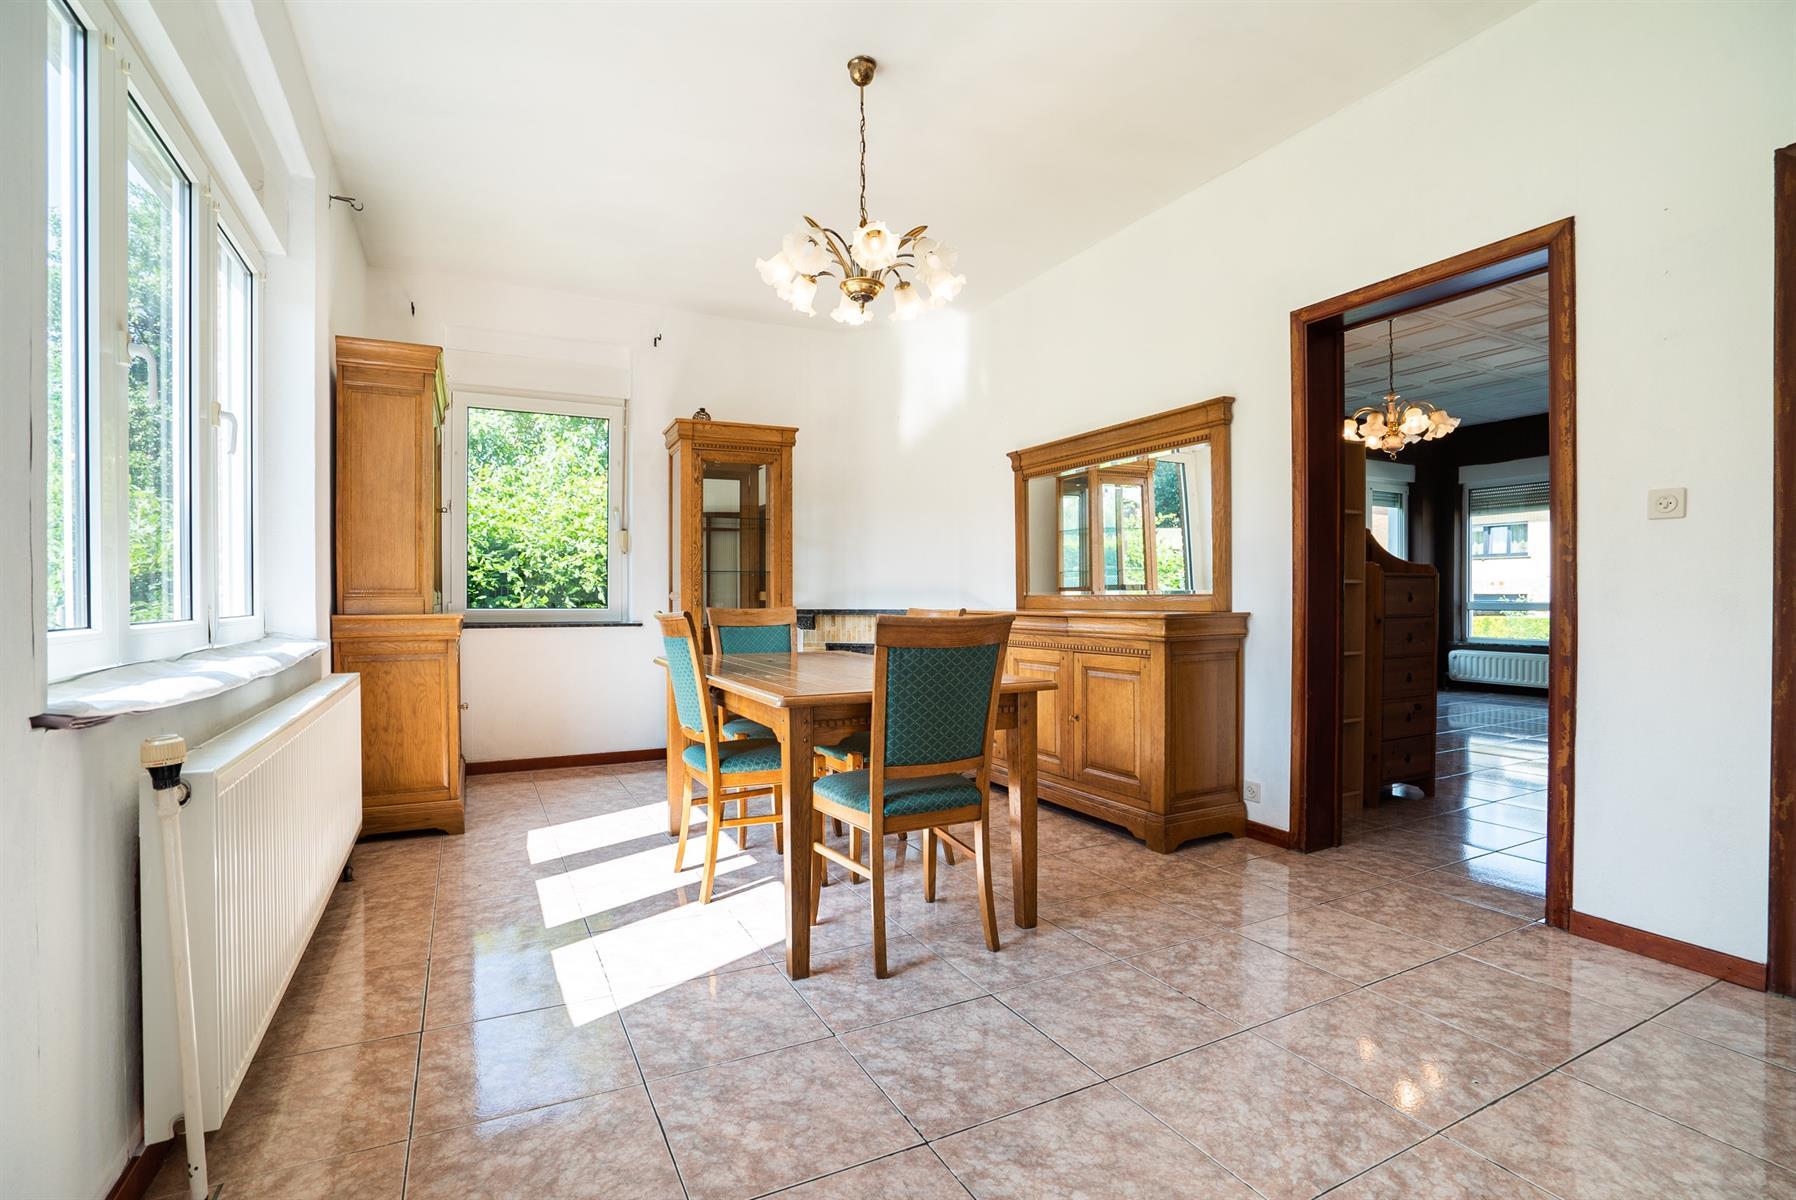 Maison - Verviers Stembert - #4406533-4